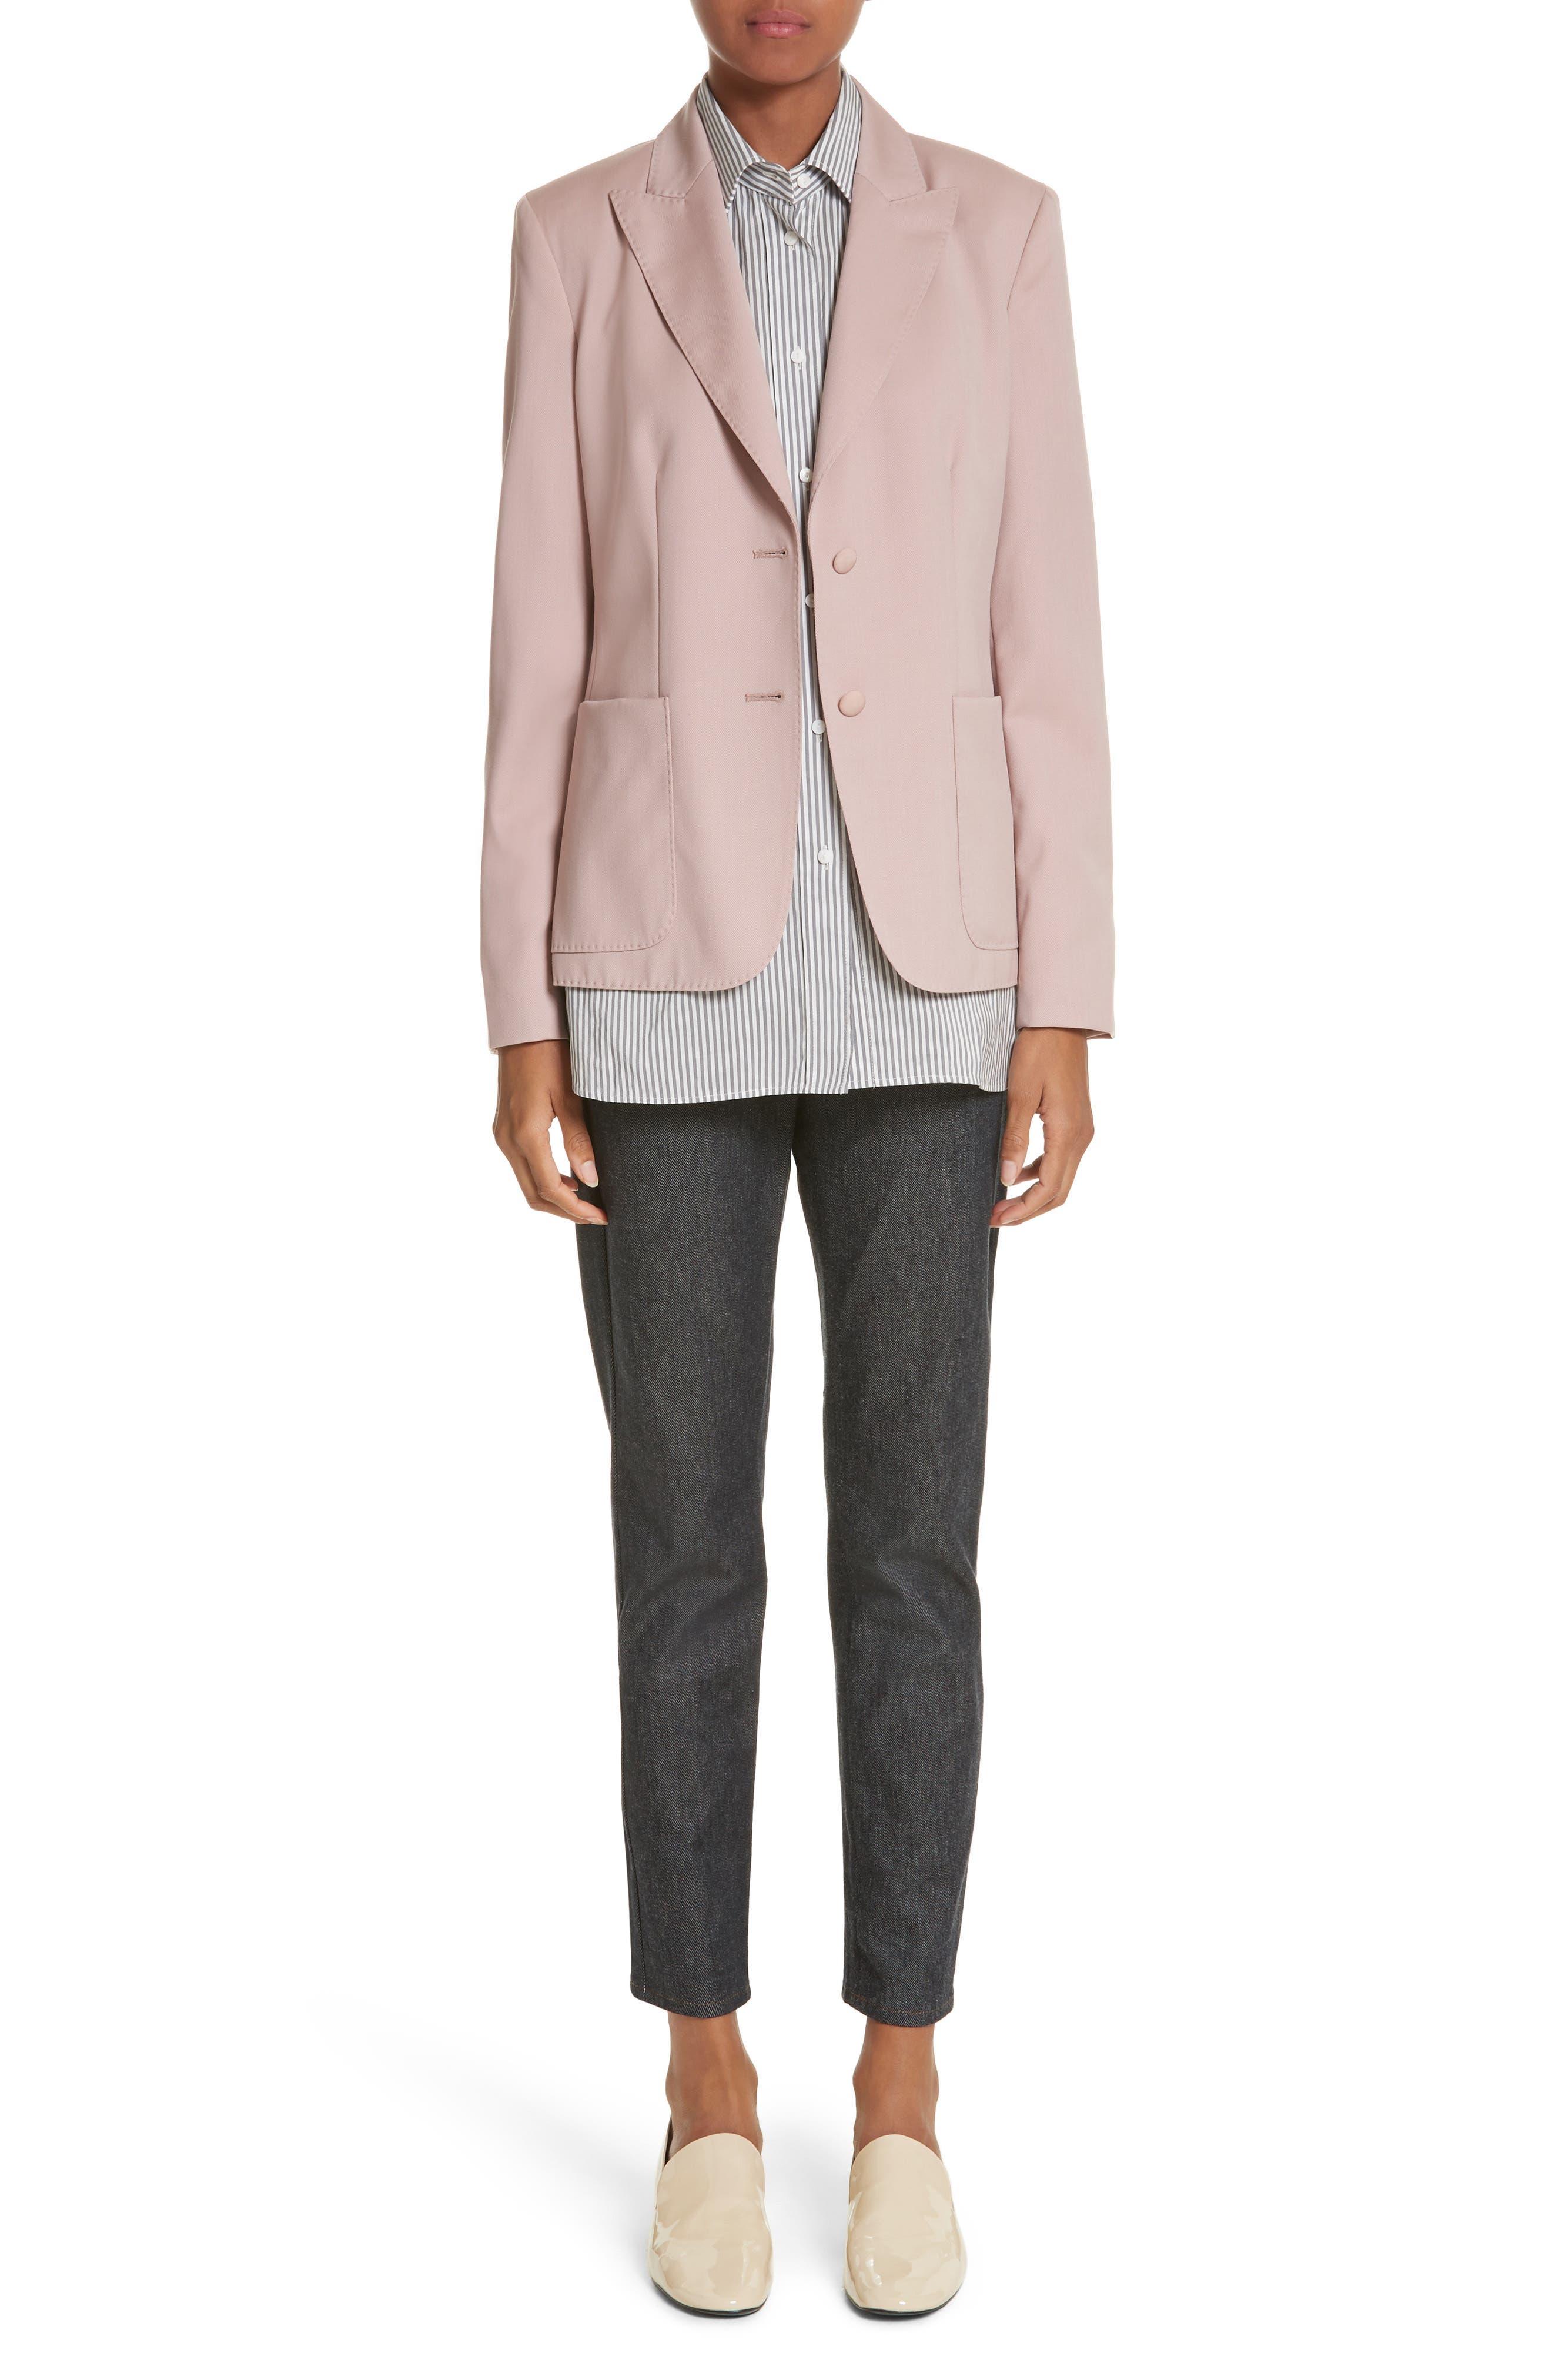 Panaro Wool Jacket,                             Alternate thumbnail 9, color,                             Blush